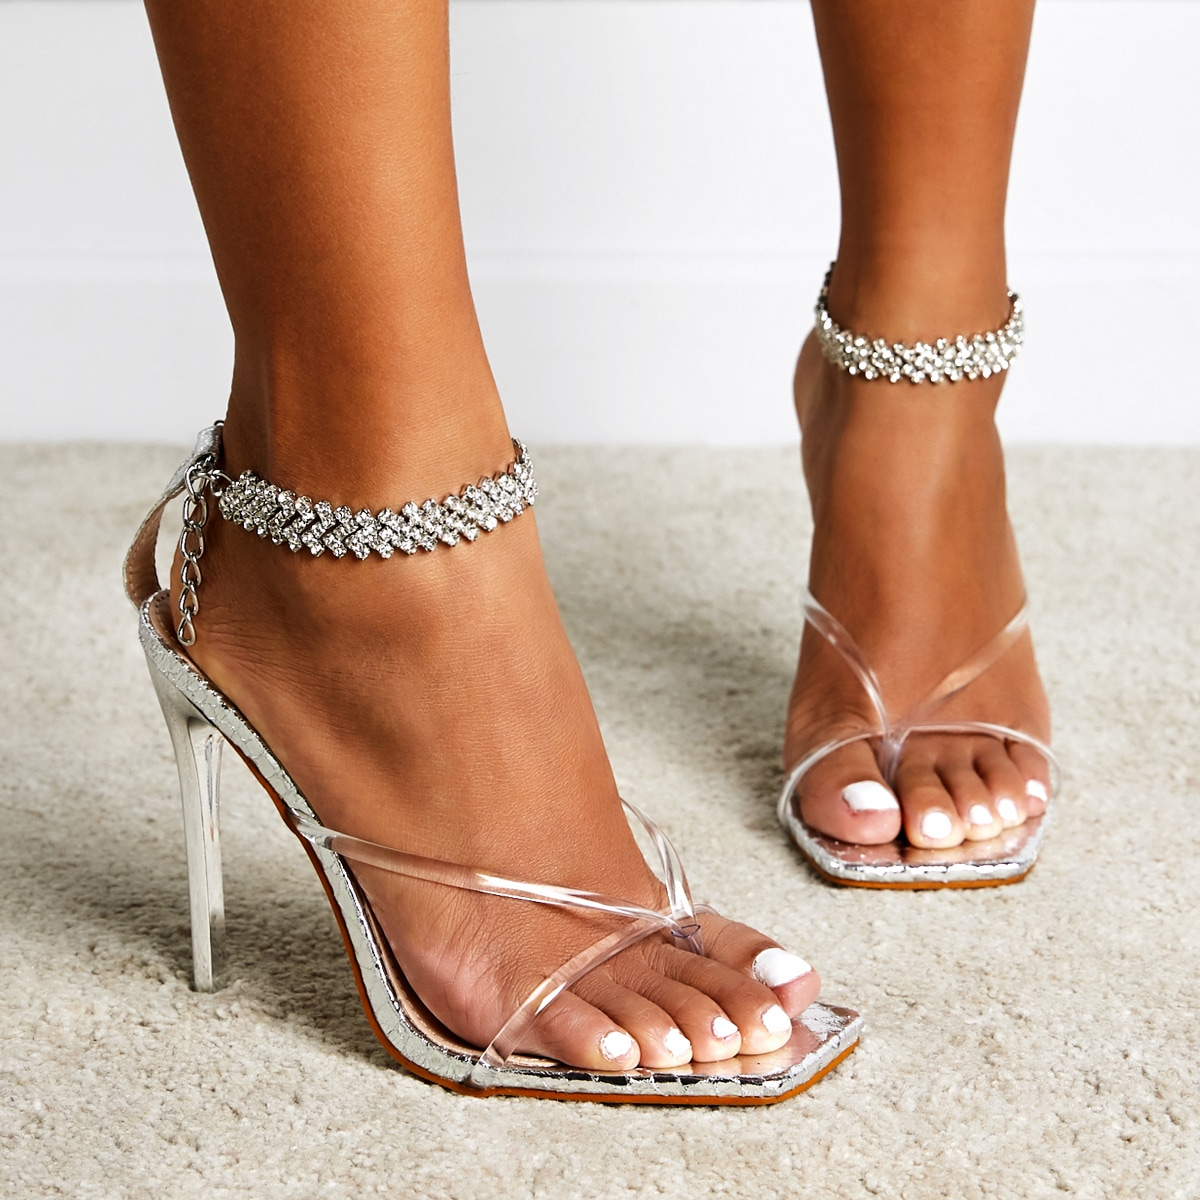 Прозрачные сандалии на каблуках со стразами